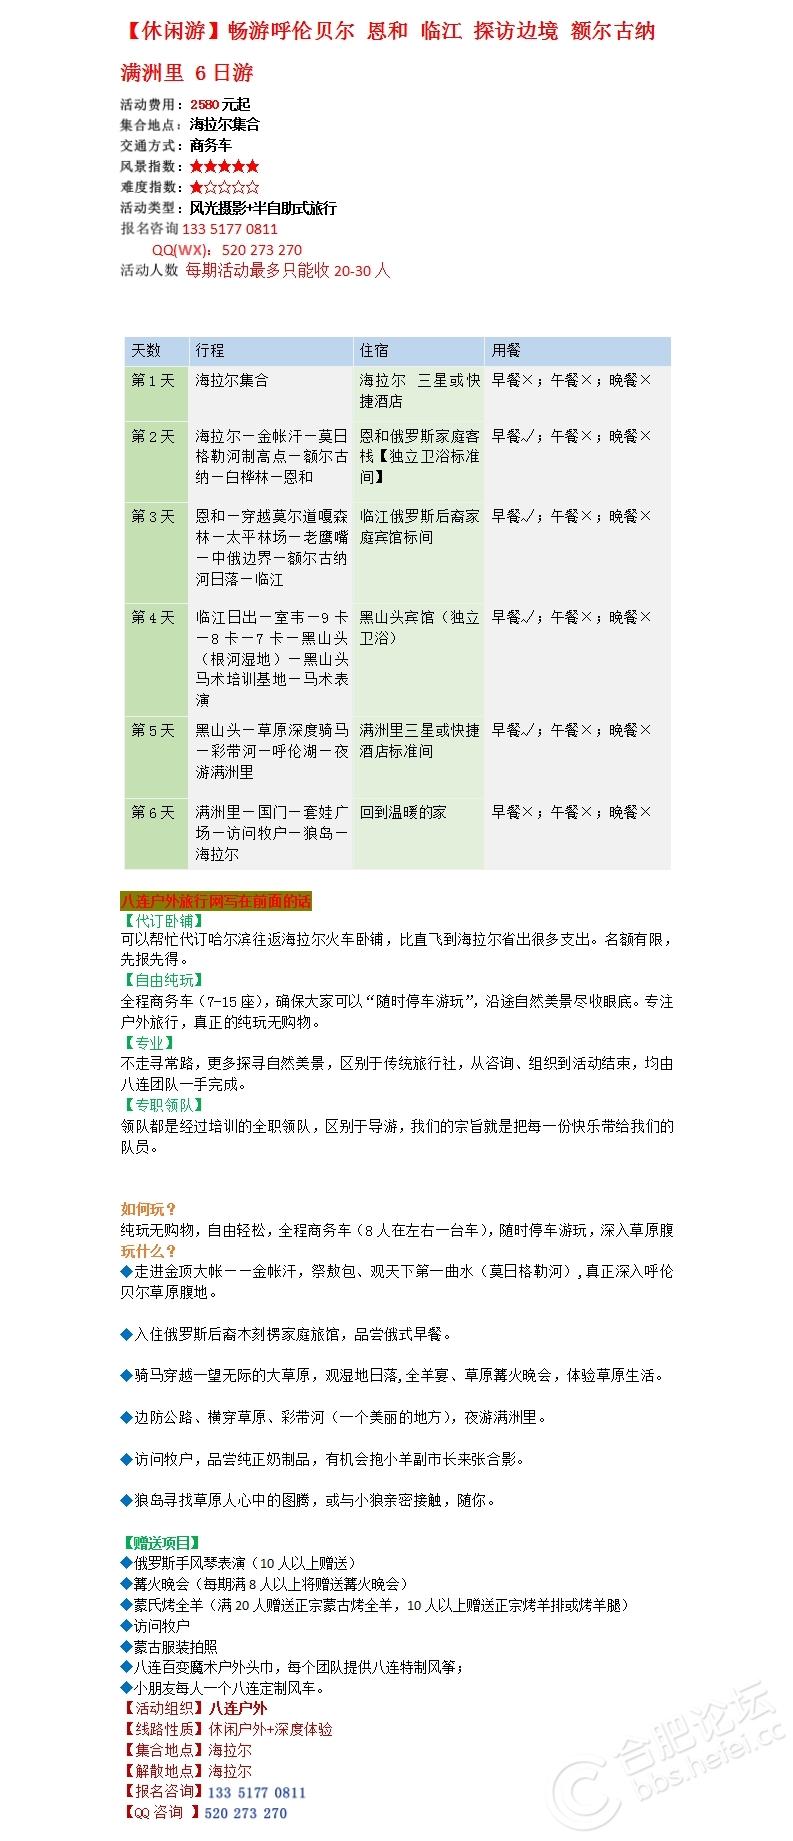 微博图片1.jpg